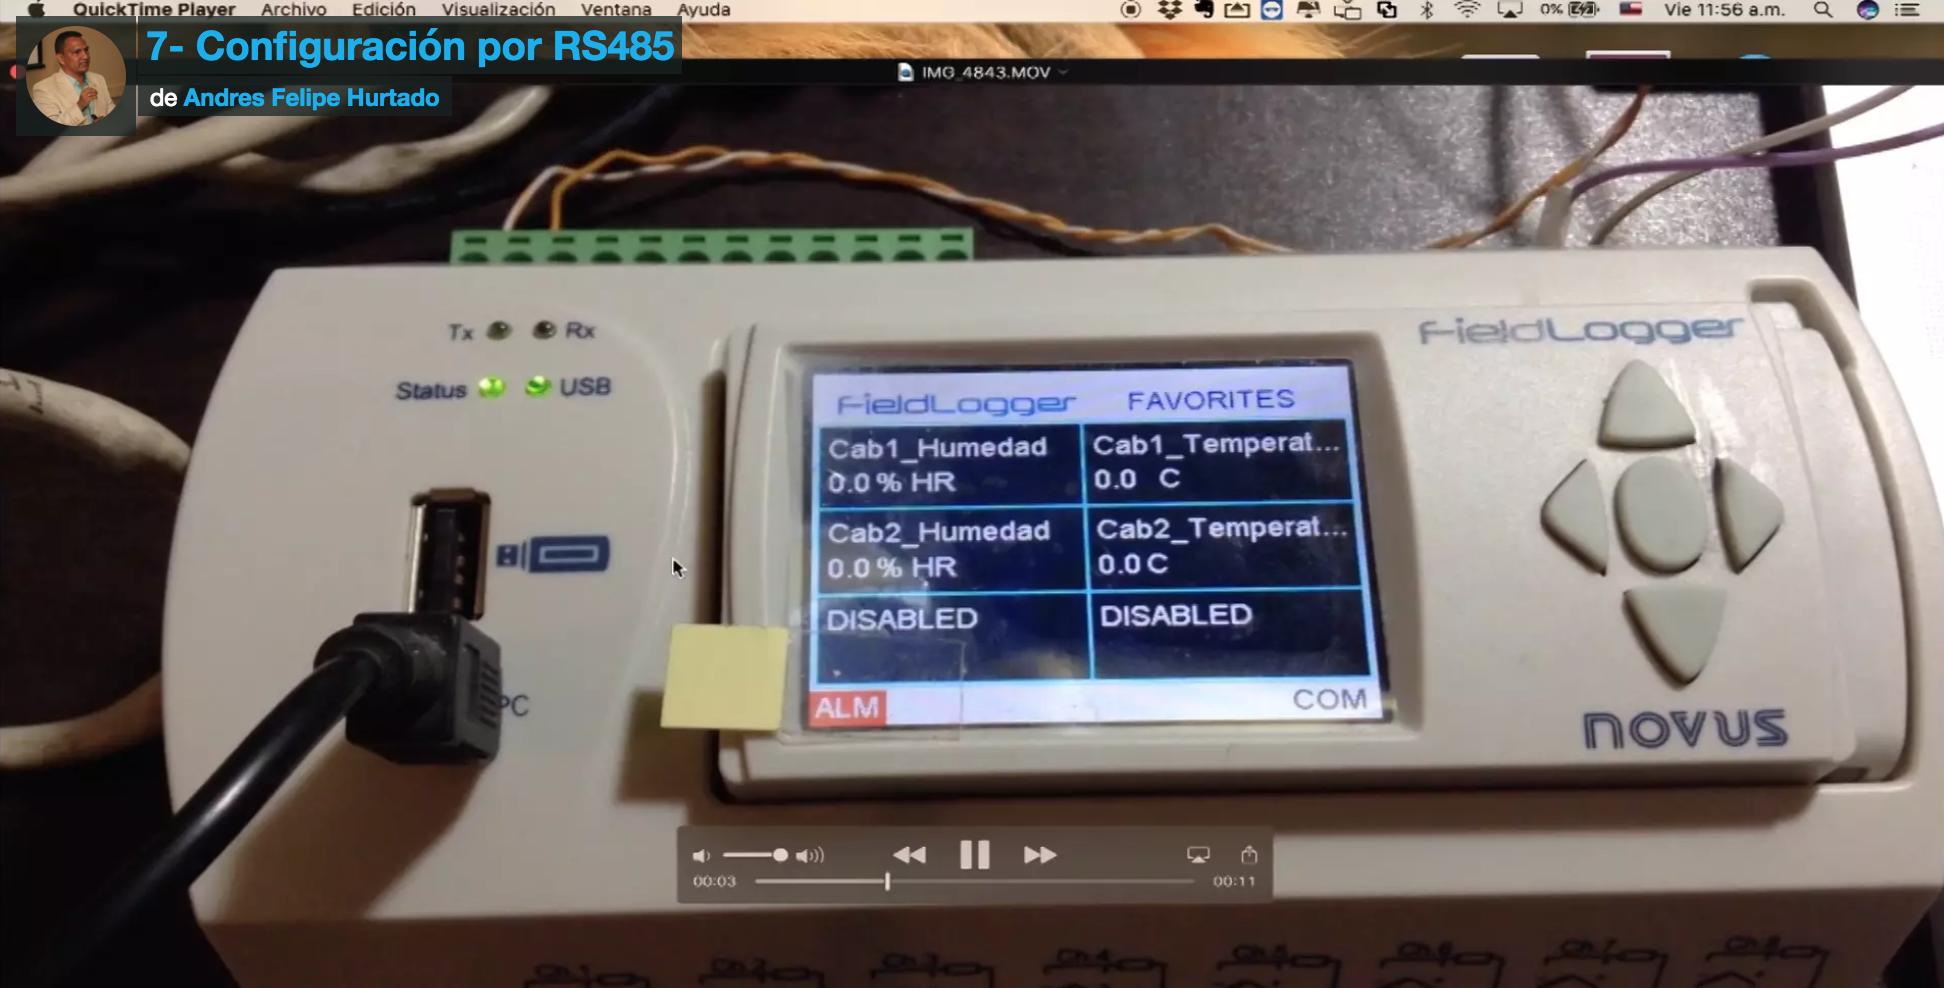 Curso de Fieldlogger-conexión por rs485